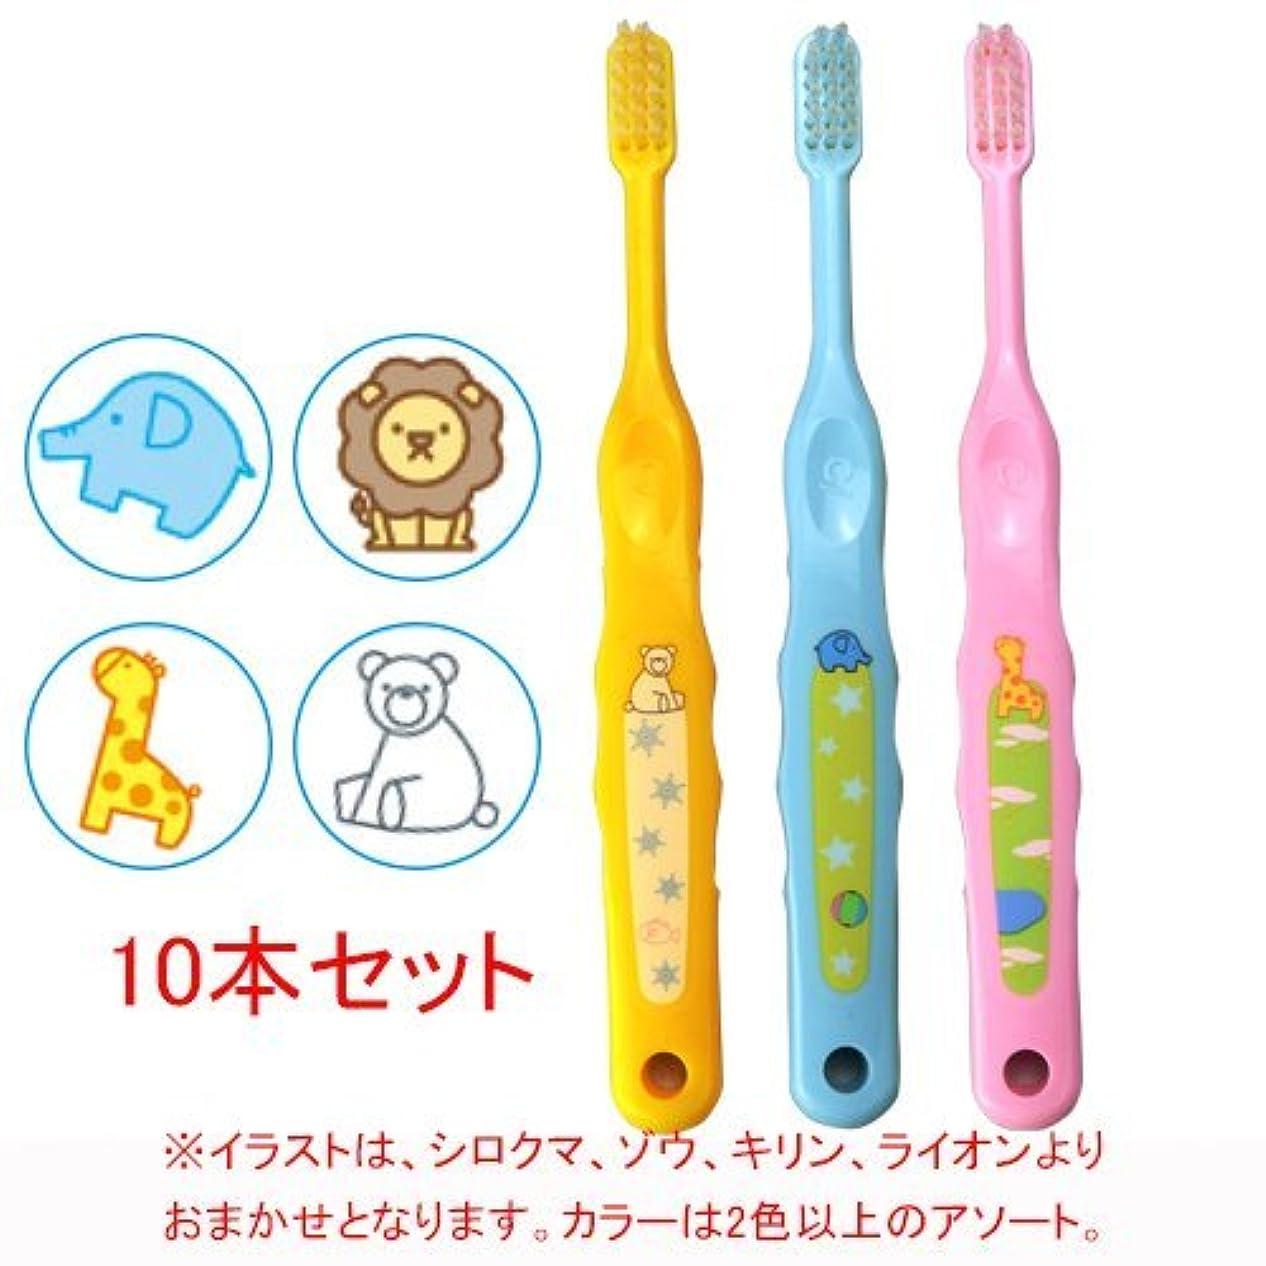 復活する議論するプラスチックCiメディカル Ci なまえ歯ブラシ 502 (ふつう) (乳児~小学生向)10本